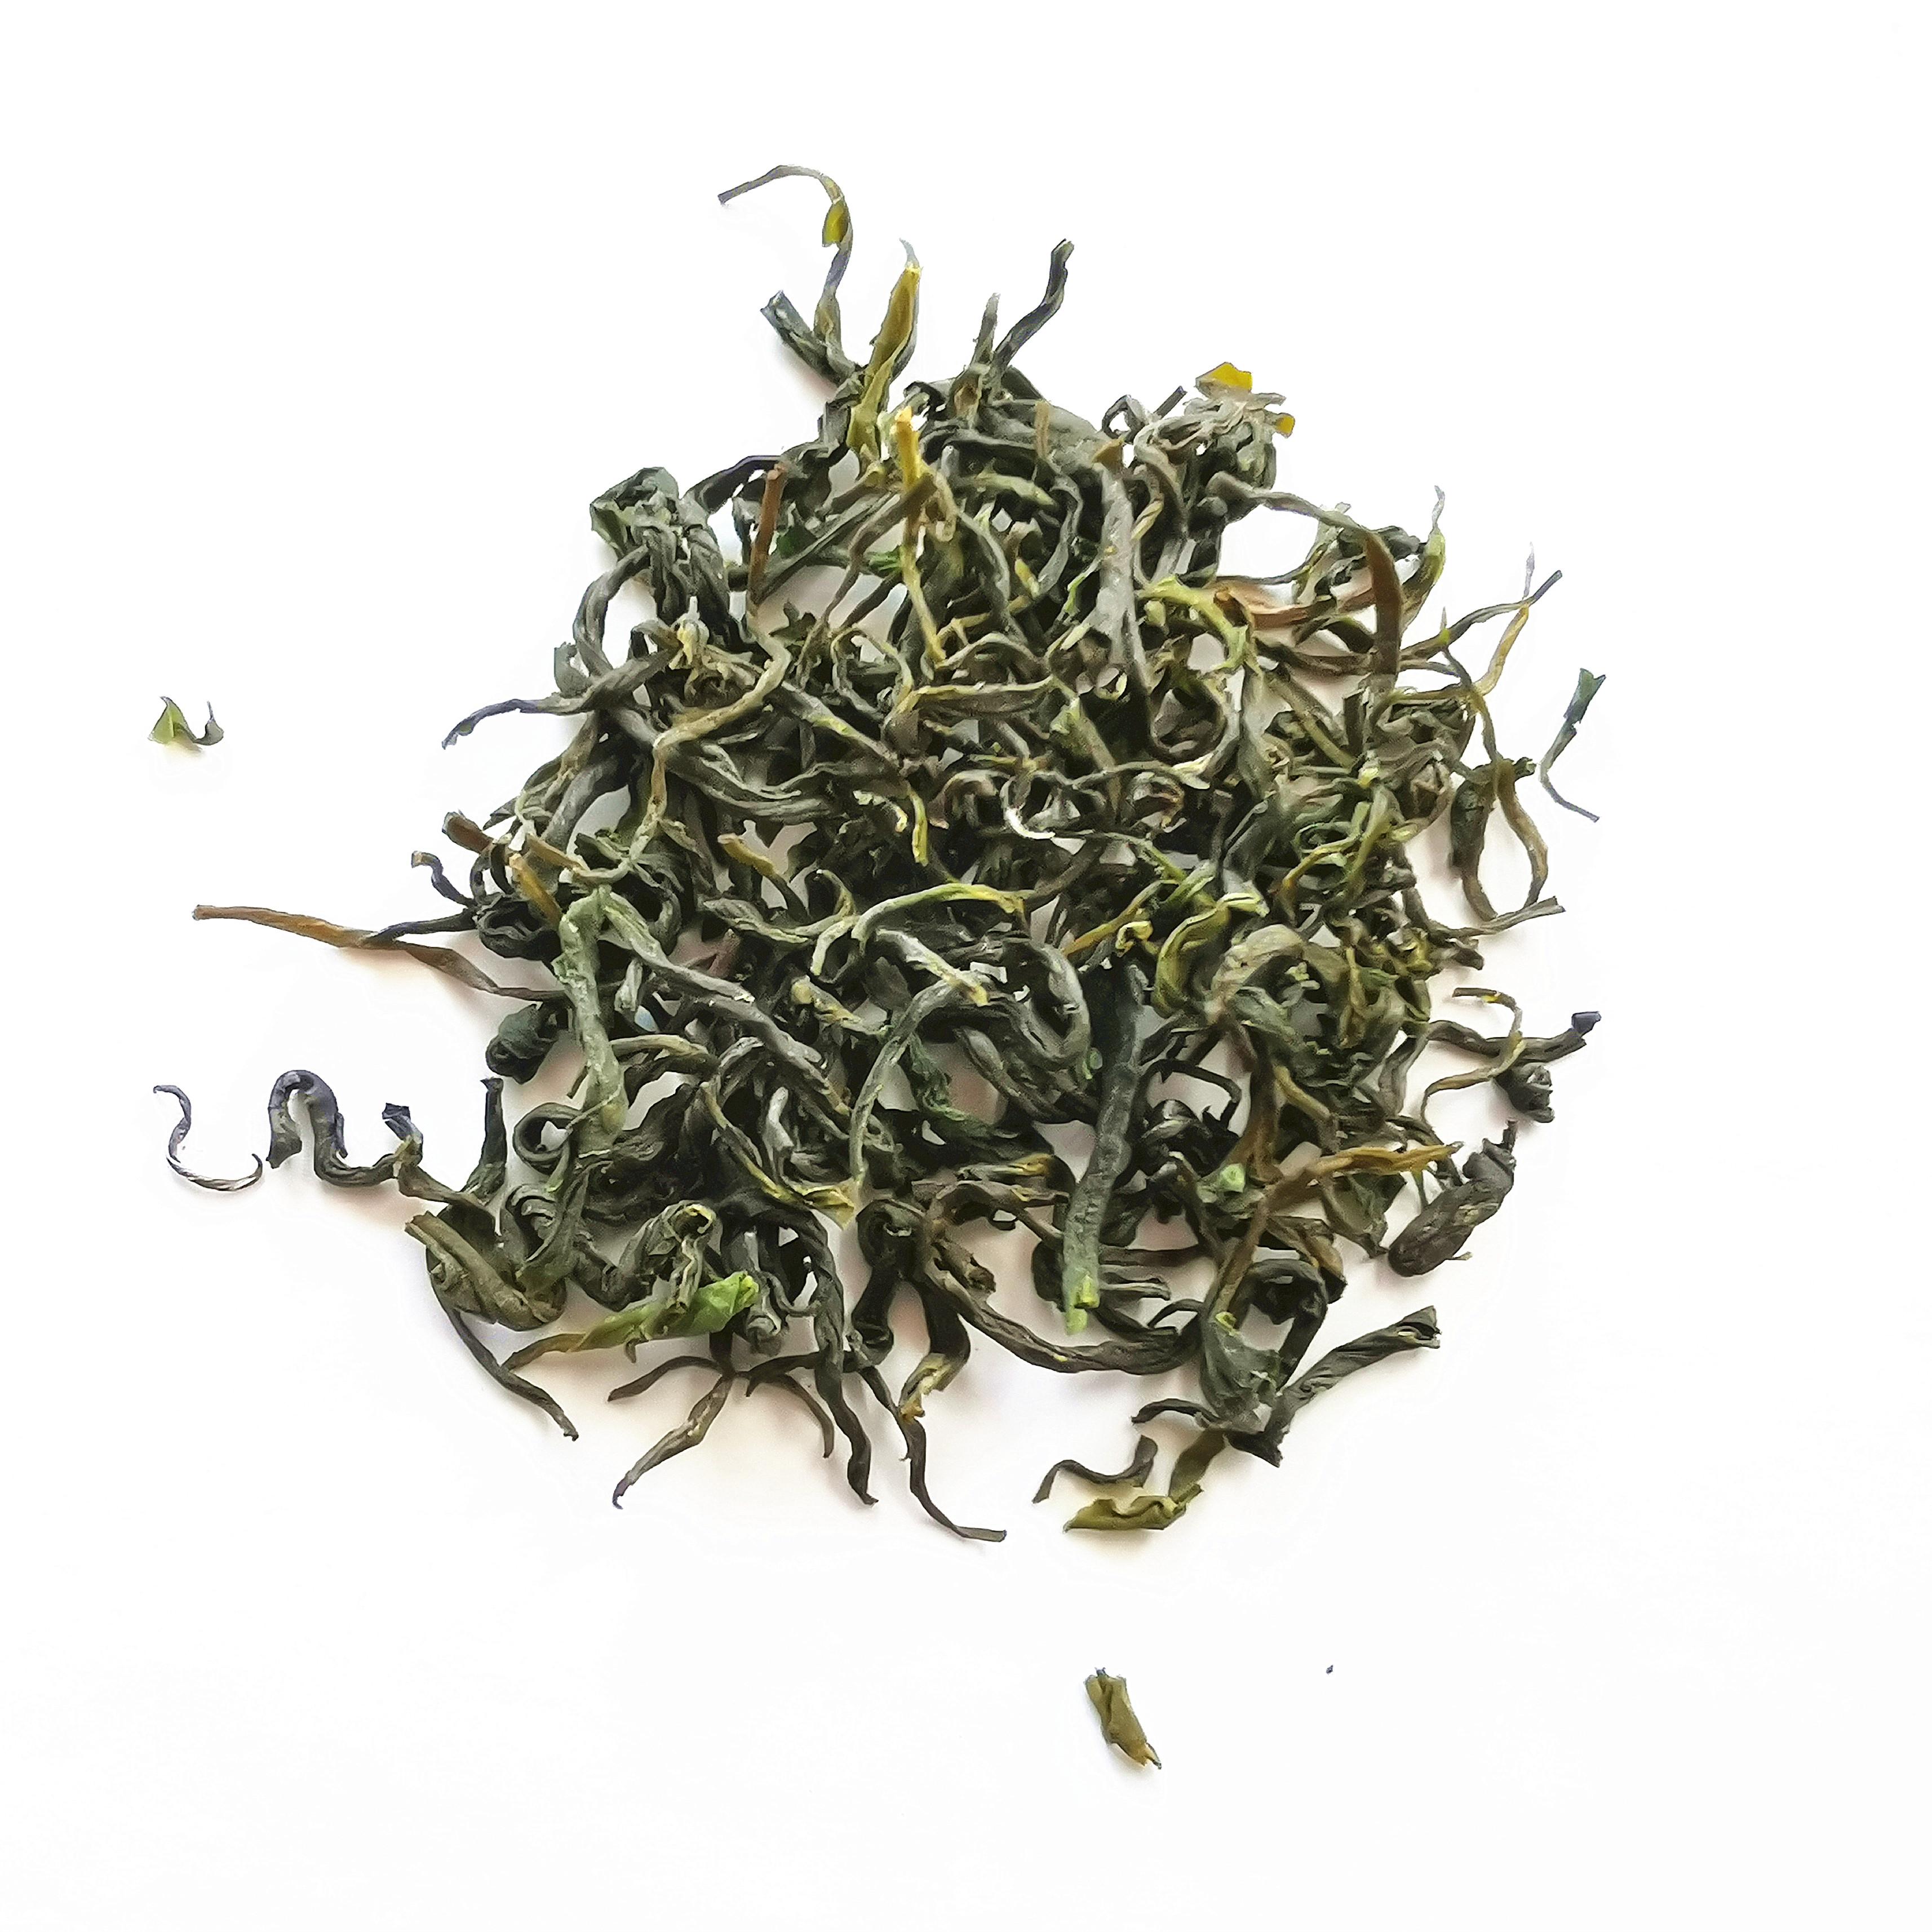 Internet tea shop health instant tea China green tea - 4uTea | 4uTea.com